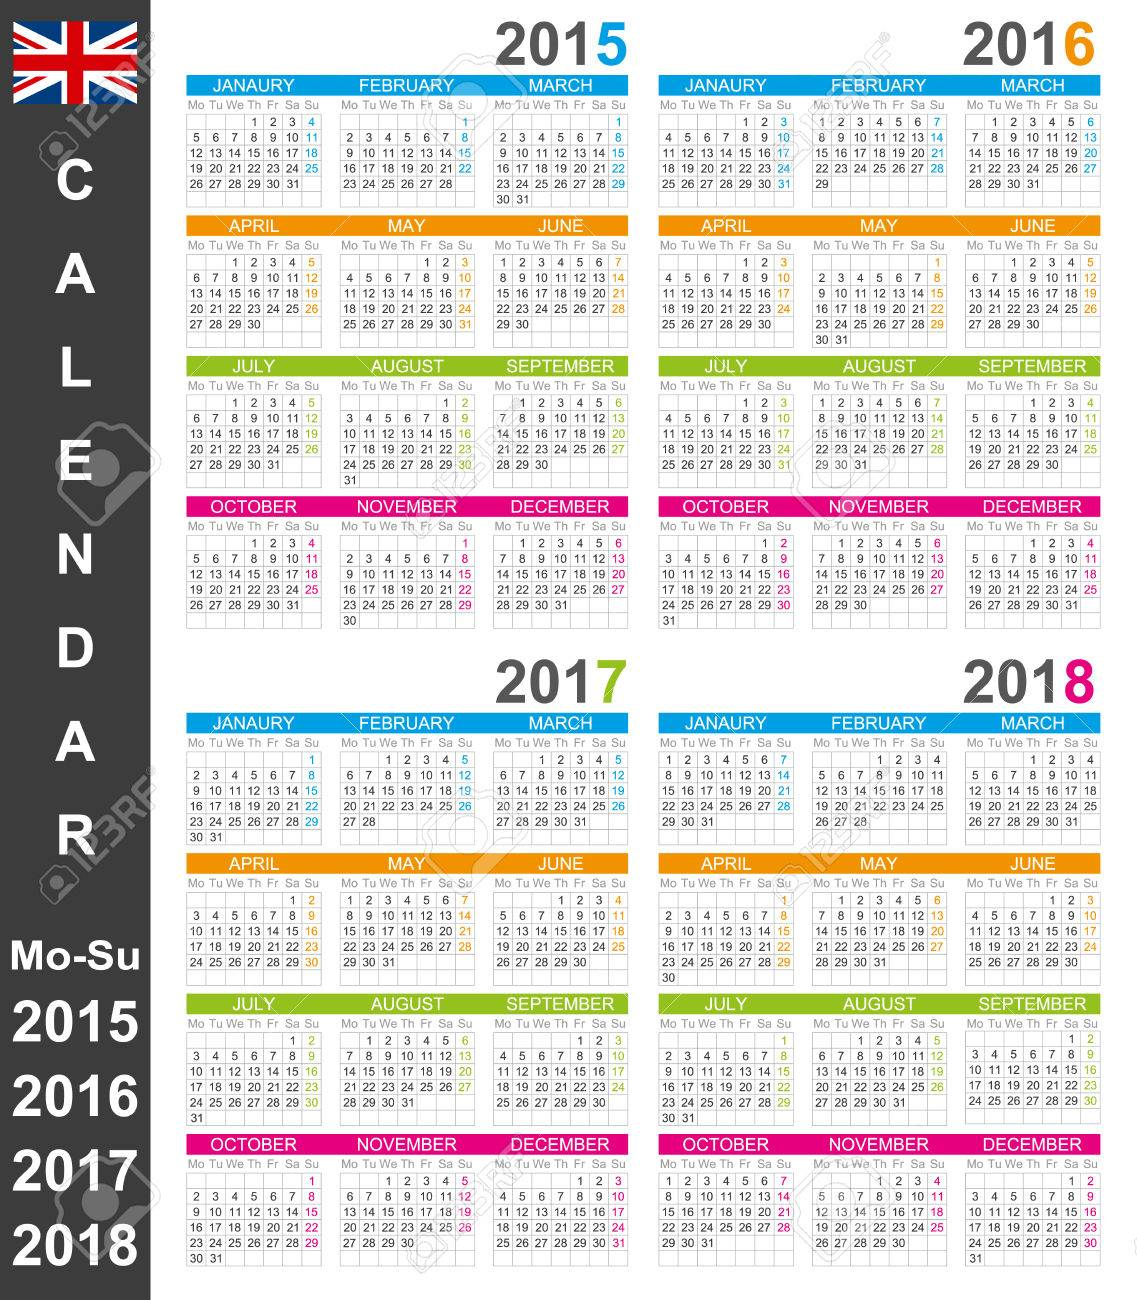 Week Calendar 2015